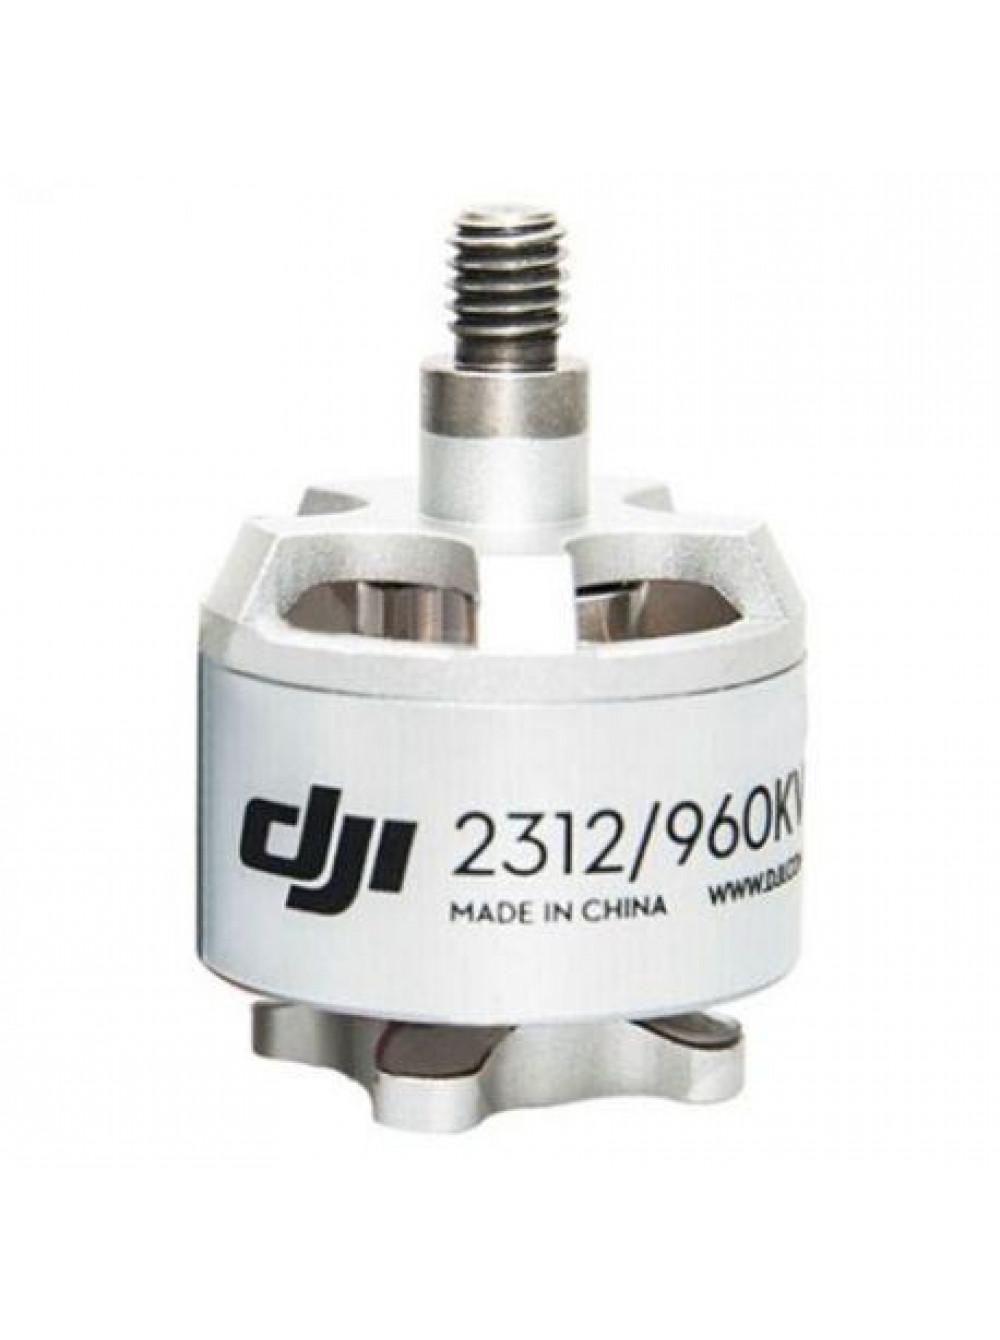 Мотор Phantom 3 2312 Motor (CCW)